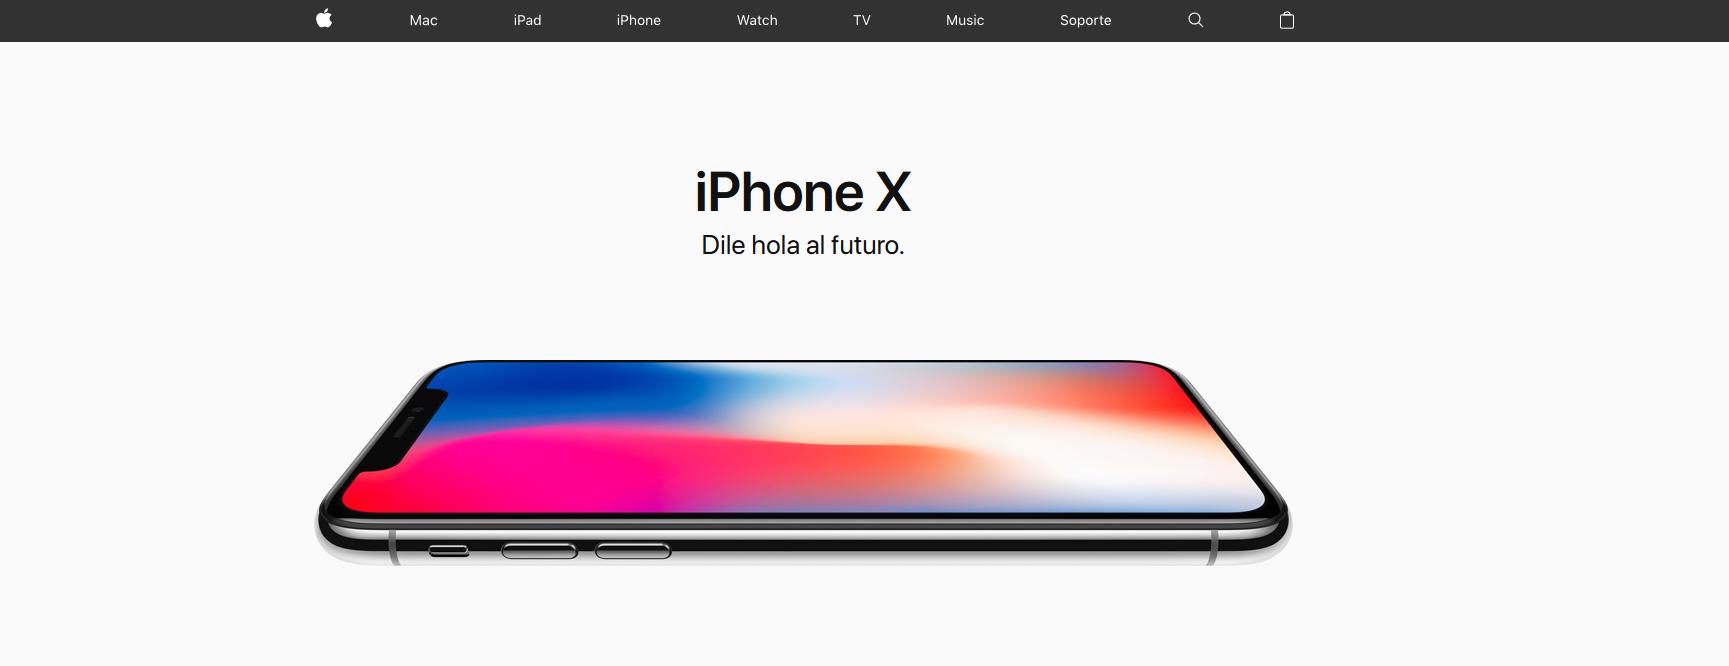 Desarrolla la marca de tu negocio Apple